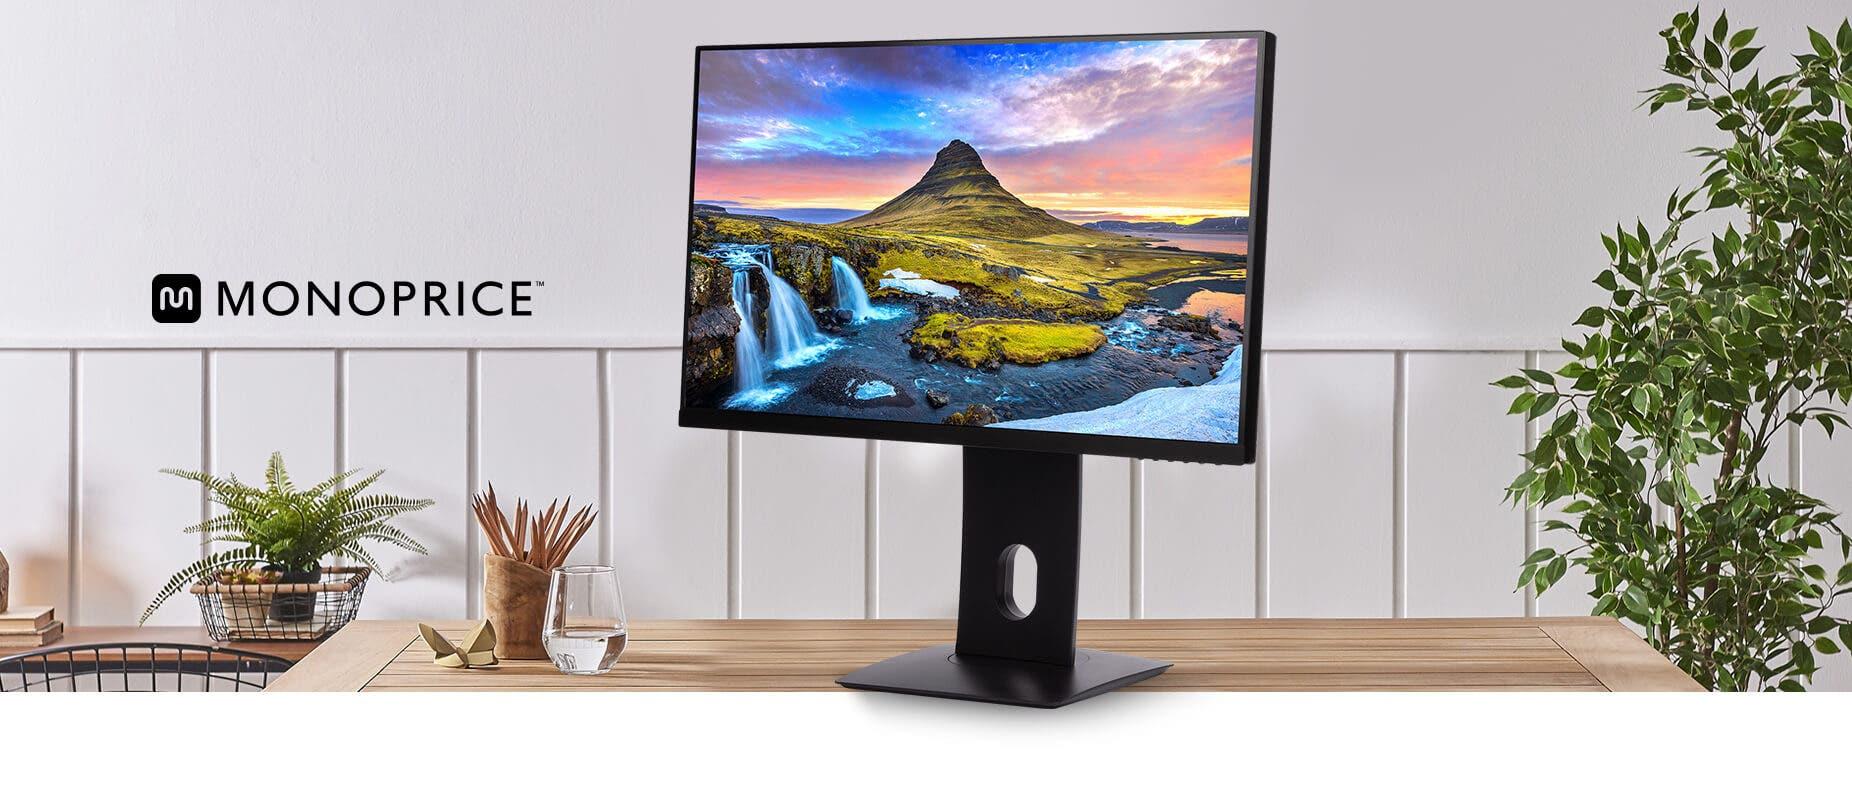 28 inch CrystalPro 4K UHD Monitor